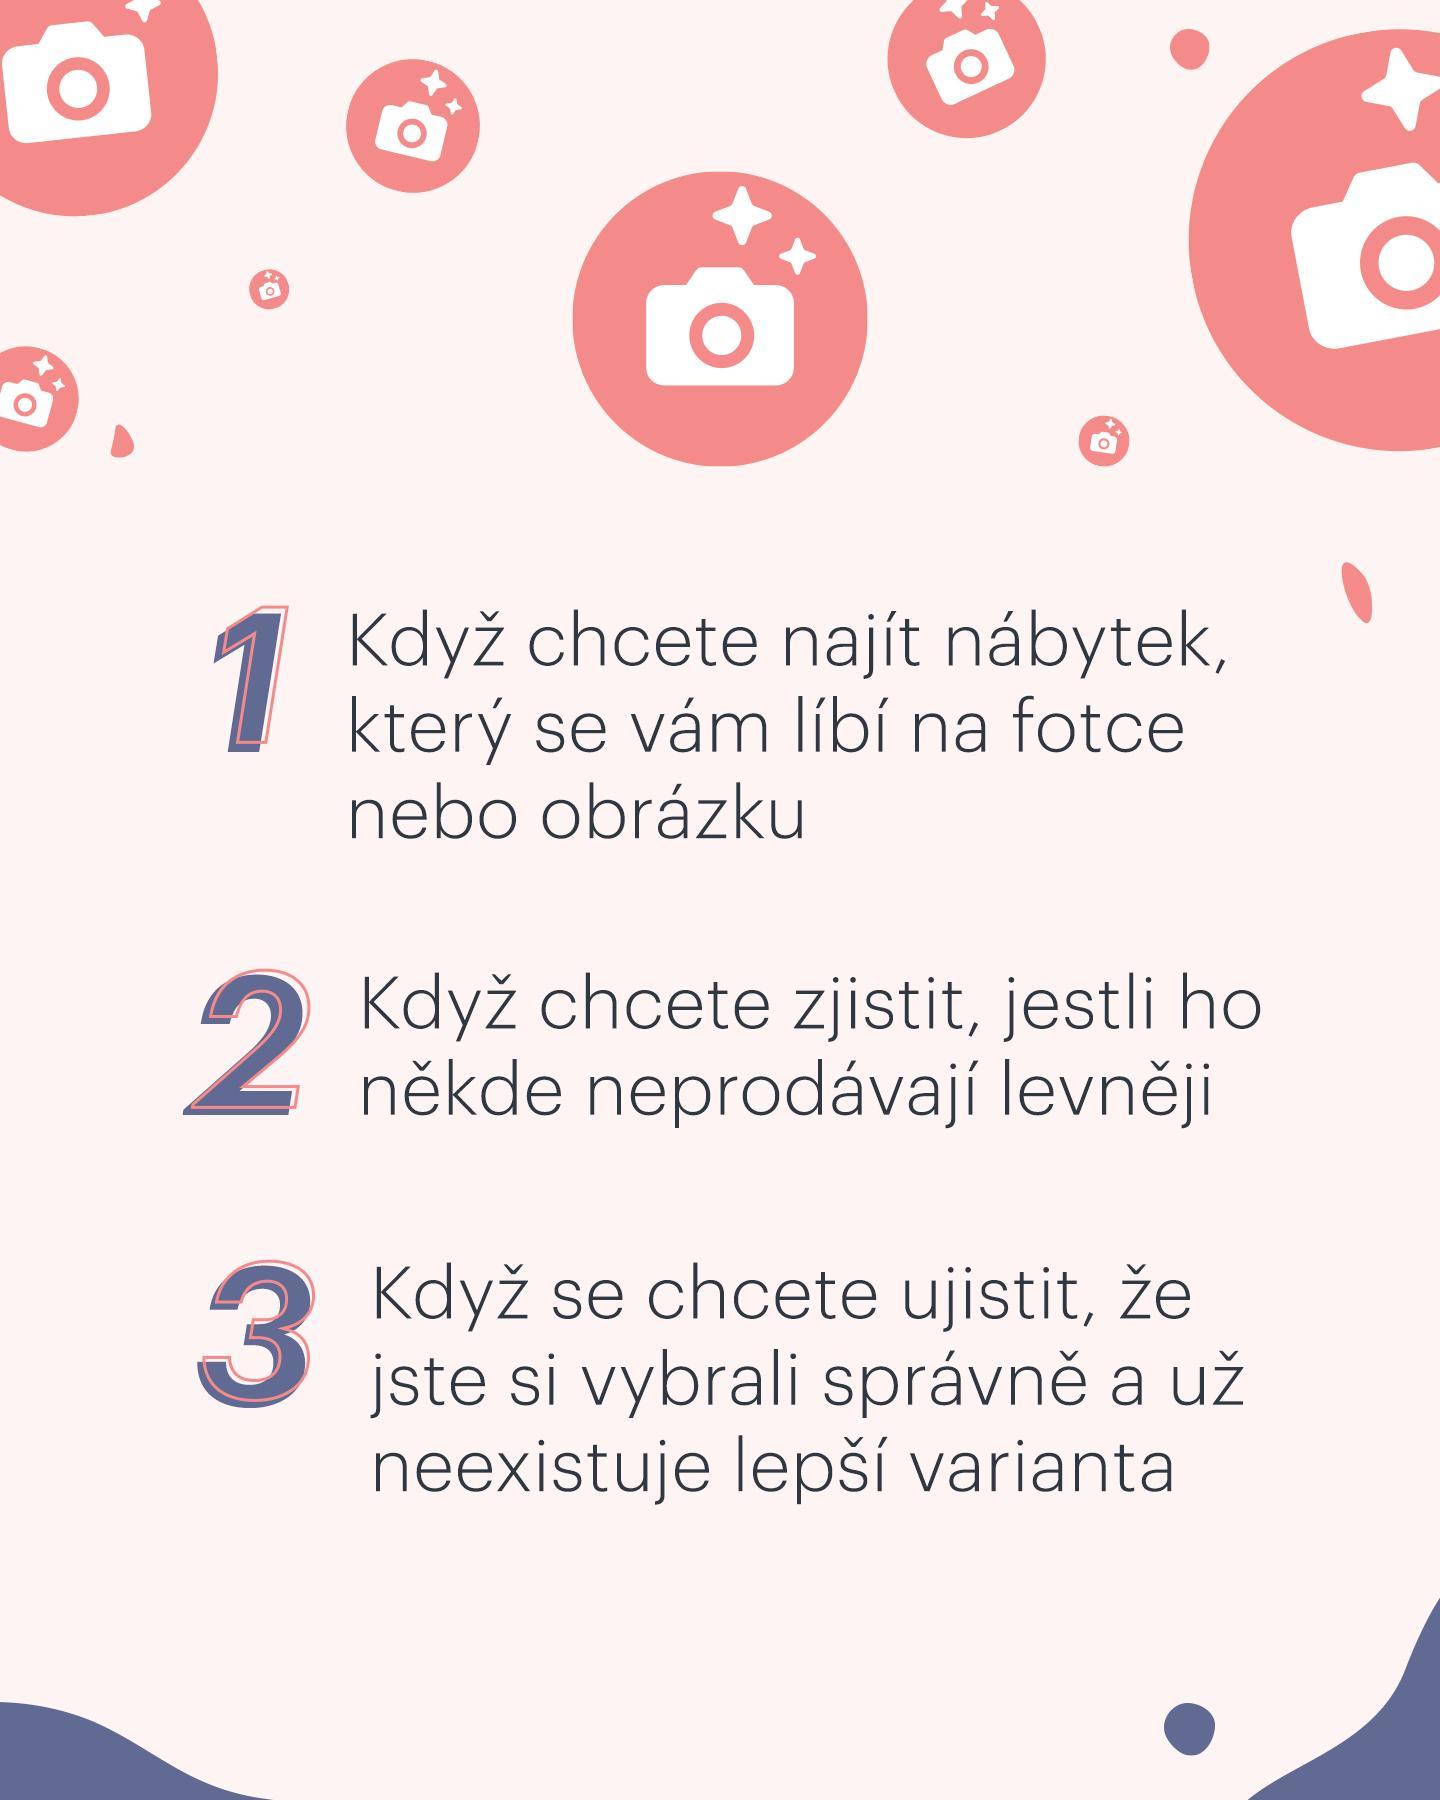 Už jste zkoušeli hledat nábytek a dekorace podle obrázky?❤️ Ušetří vám čas i peníze!📷 Jděte na www.biano.cz a vyzkoušejte to.⭐ - Obrázek č. 2